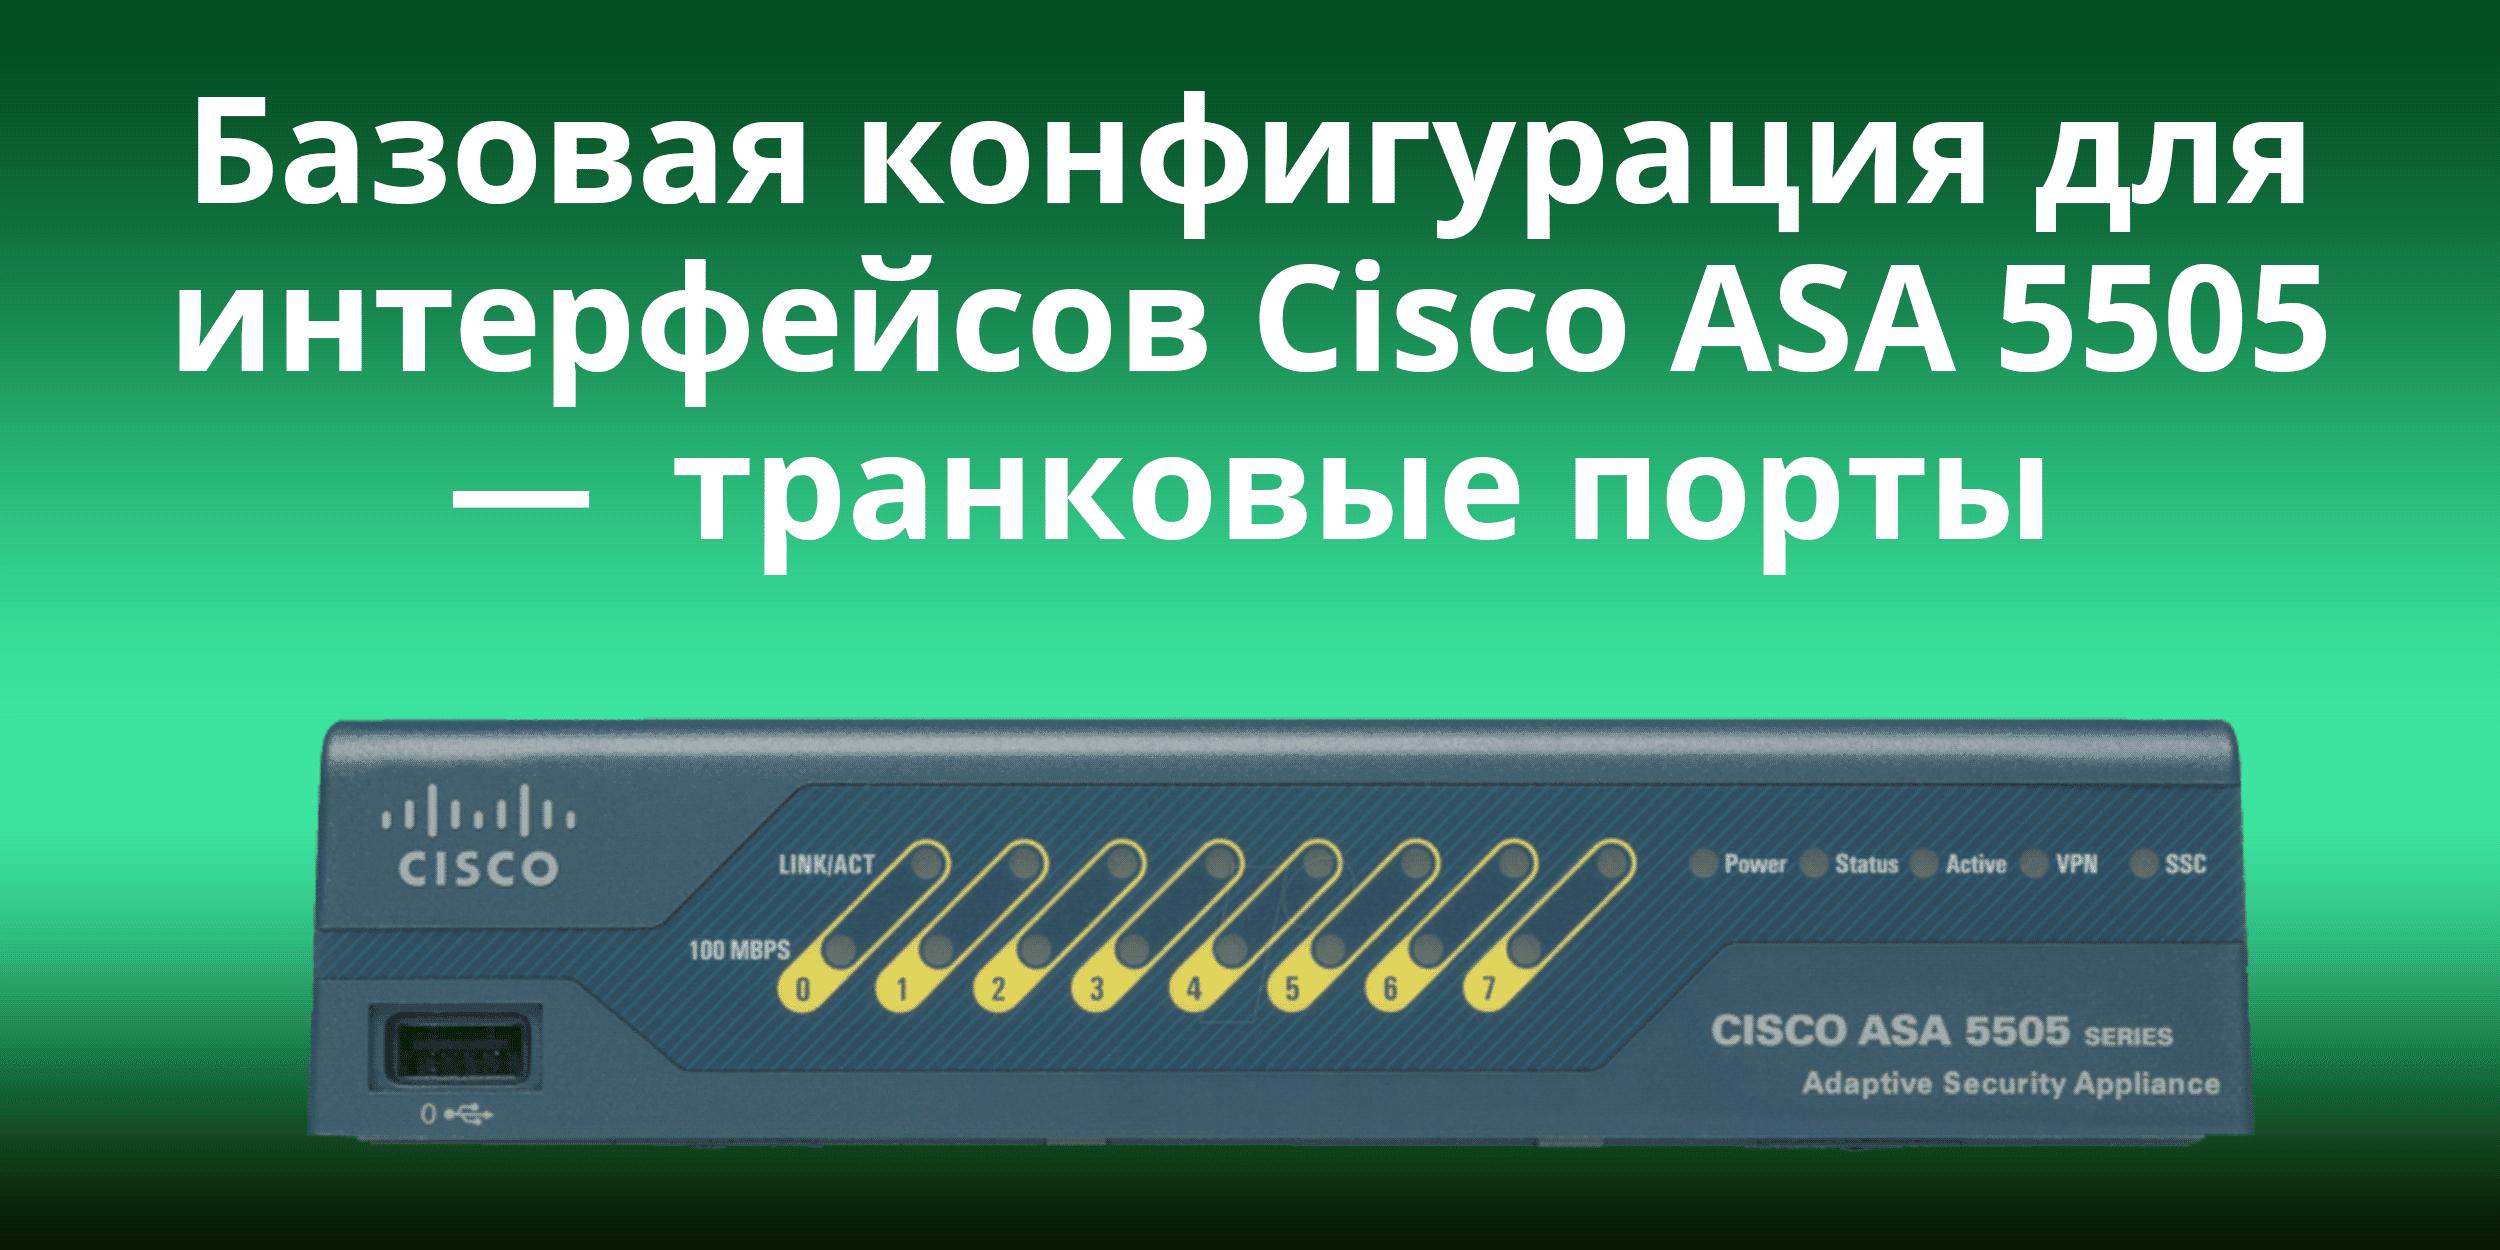 Базовая конфигурация для интерфейсов Cisco ASA 5505